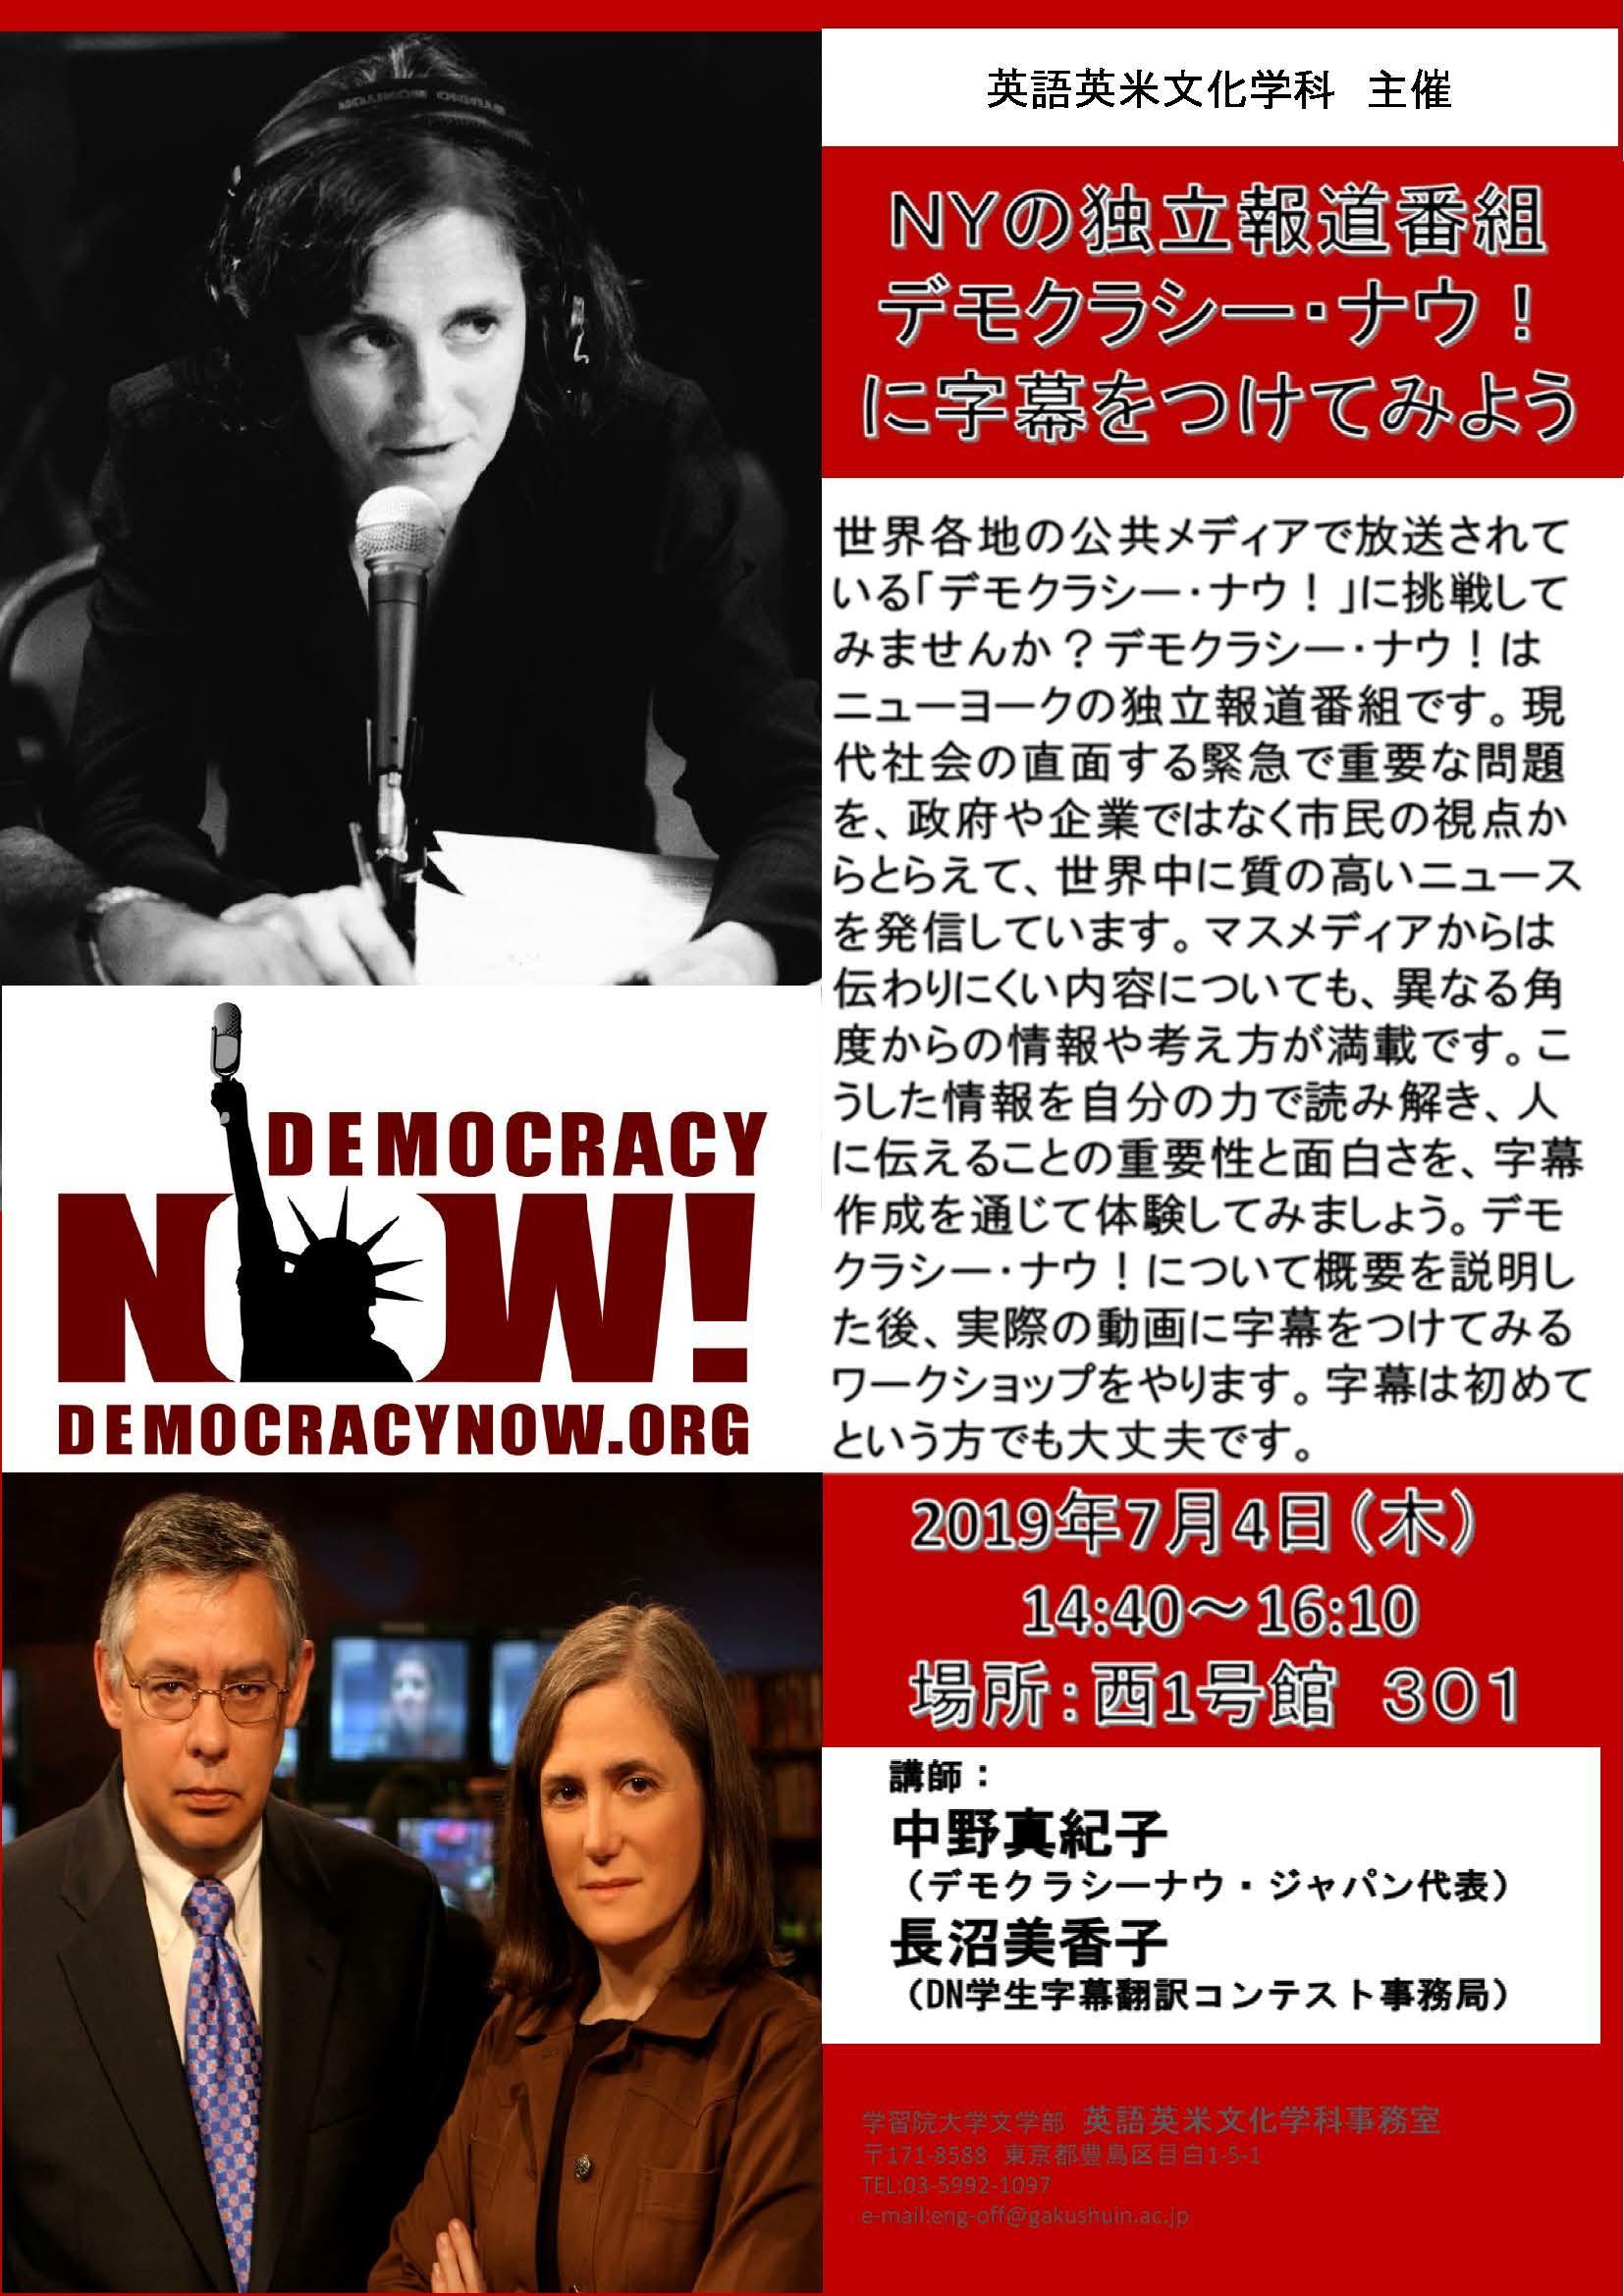 学習院大学が7月4日にワークショップ「NYの独立報道番組デモクラシー・ナウ!に字幕をつけてみよう」を開催